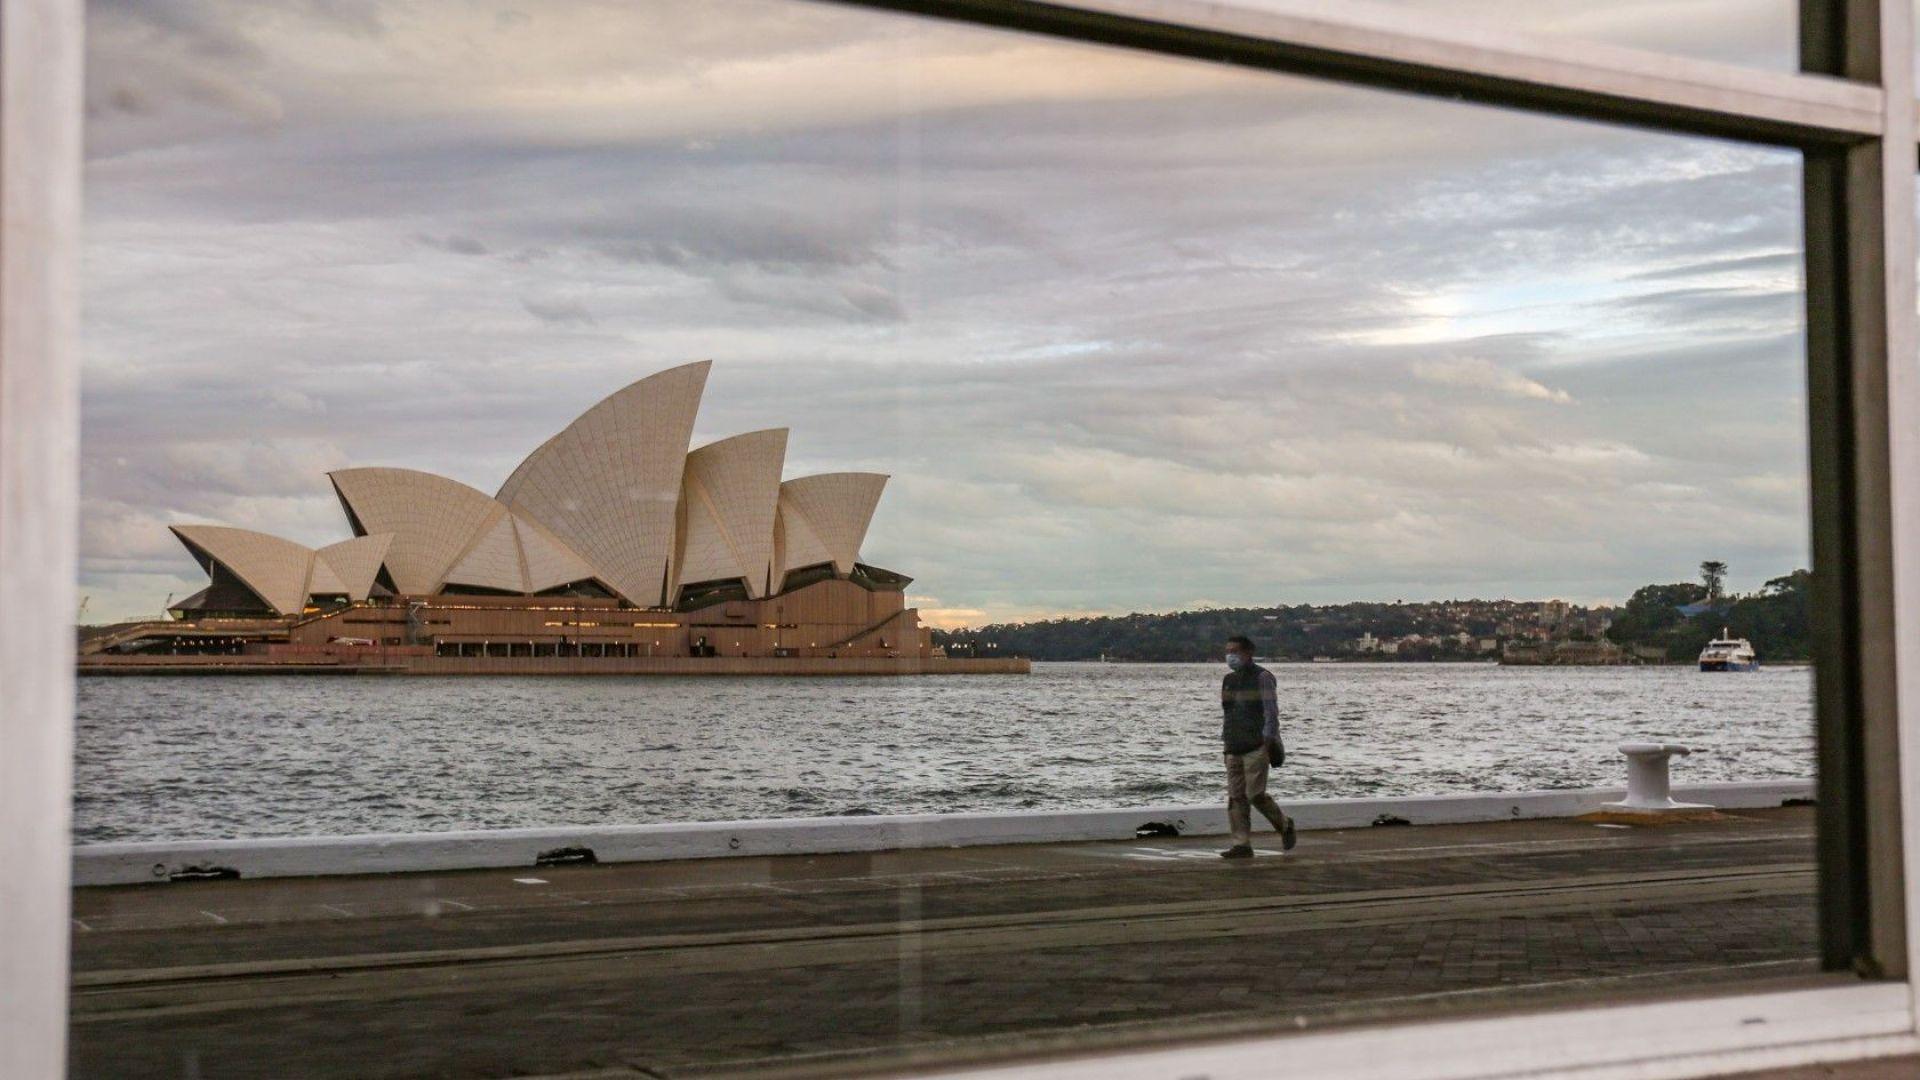 Блокирането на имиграцията поставя в опасност разцвета на австралийската икономика